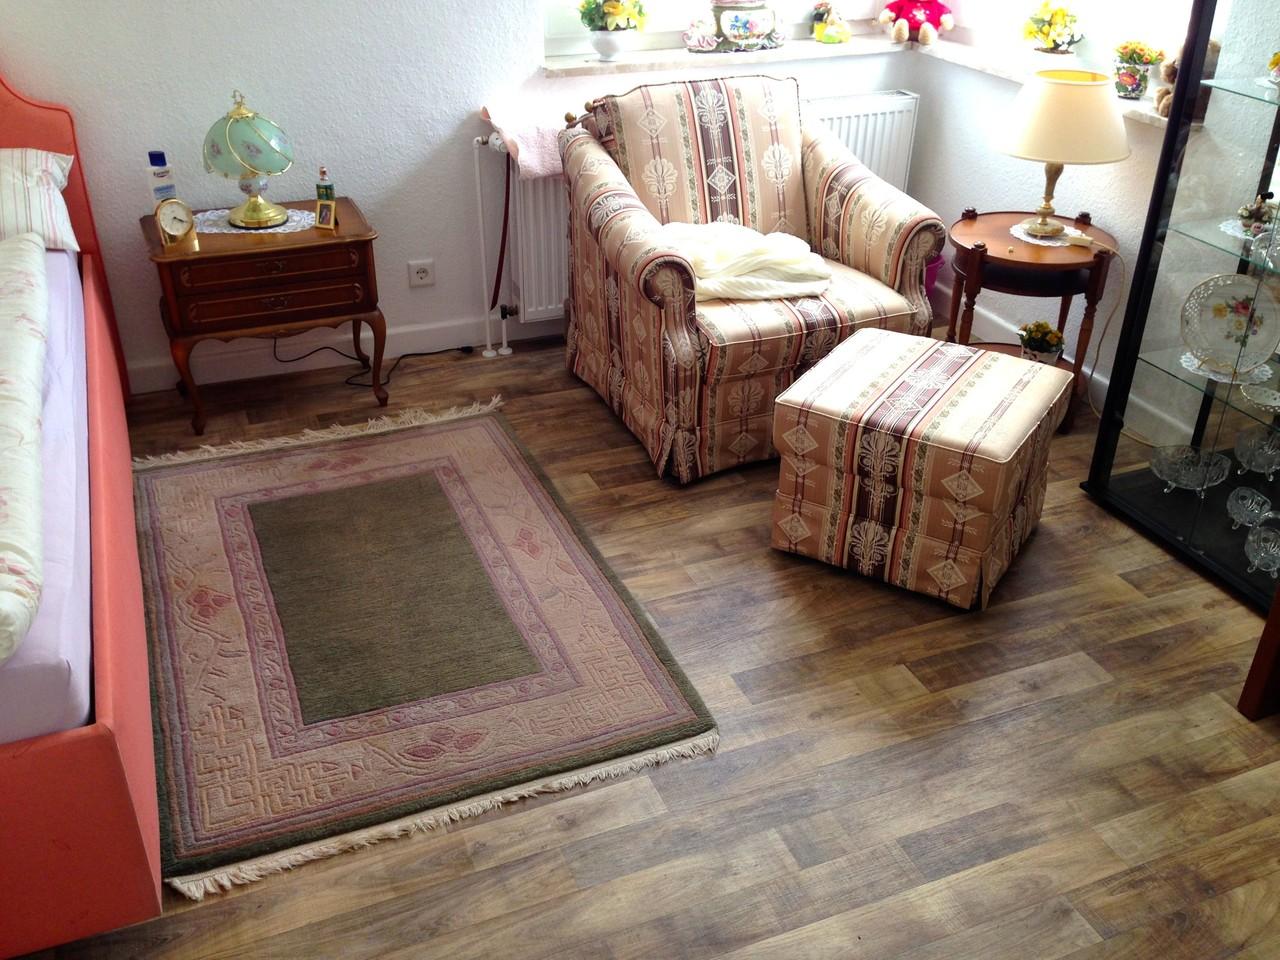 zimmer senioren wg hagen wohnen im alter demenz. Black Bedroom Furniture Sets. Home Design Ideas